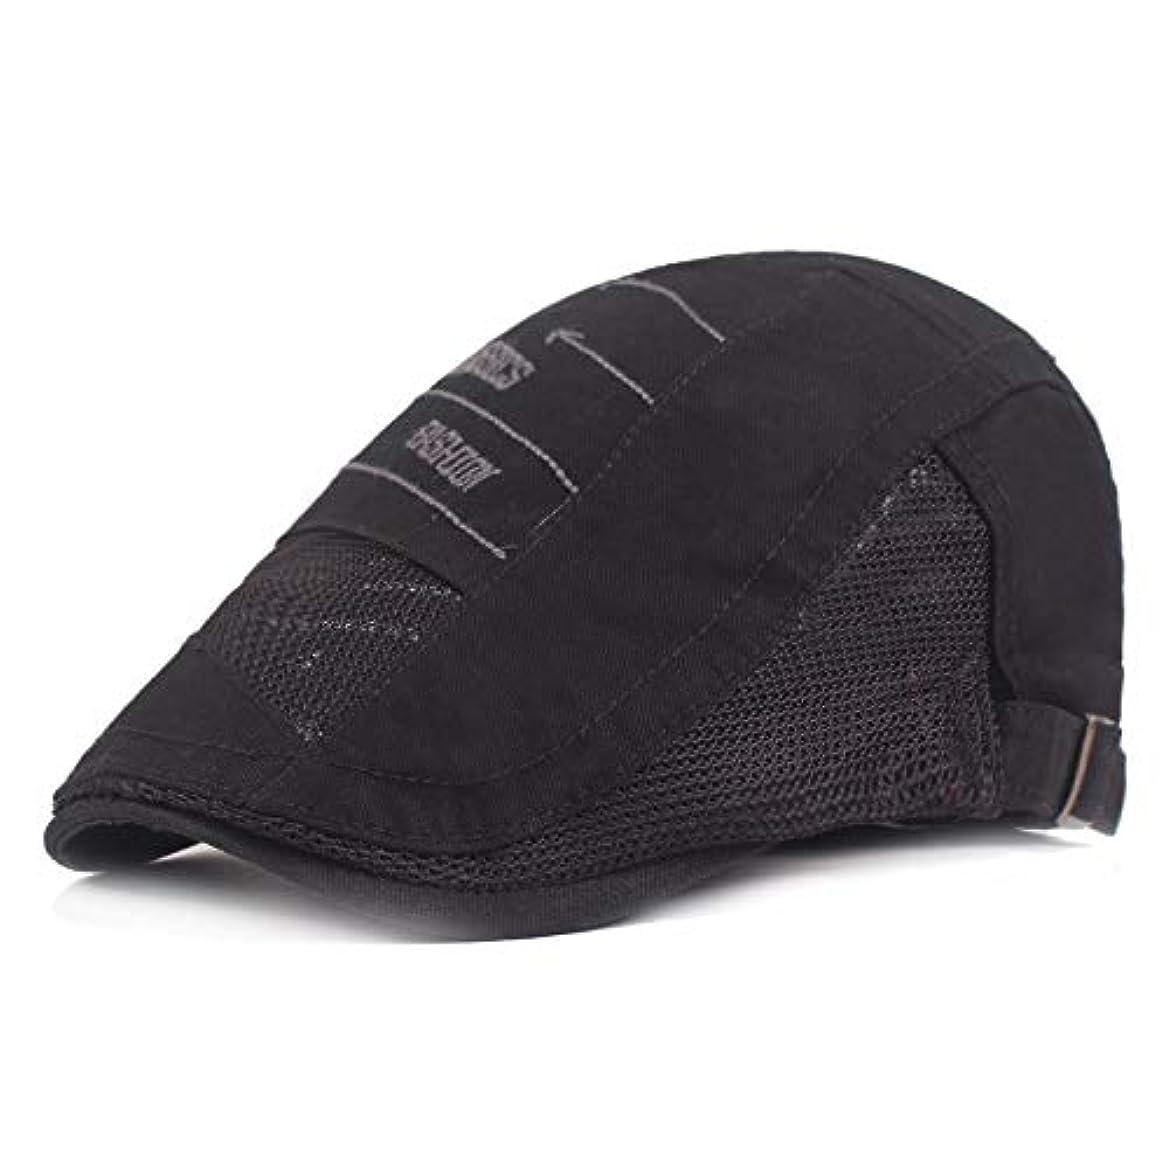 横たわる納屋ネットサマー ベレー帽 メッシュ キャスケットハンチング帽 メンズ レディース ハット トレッキング日よけ 帽子